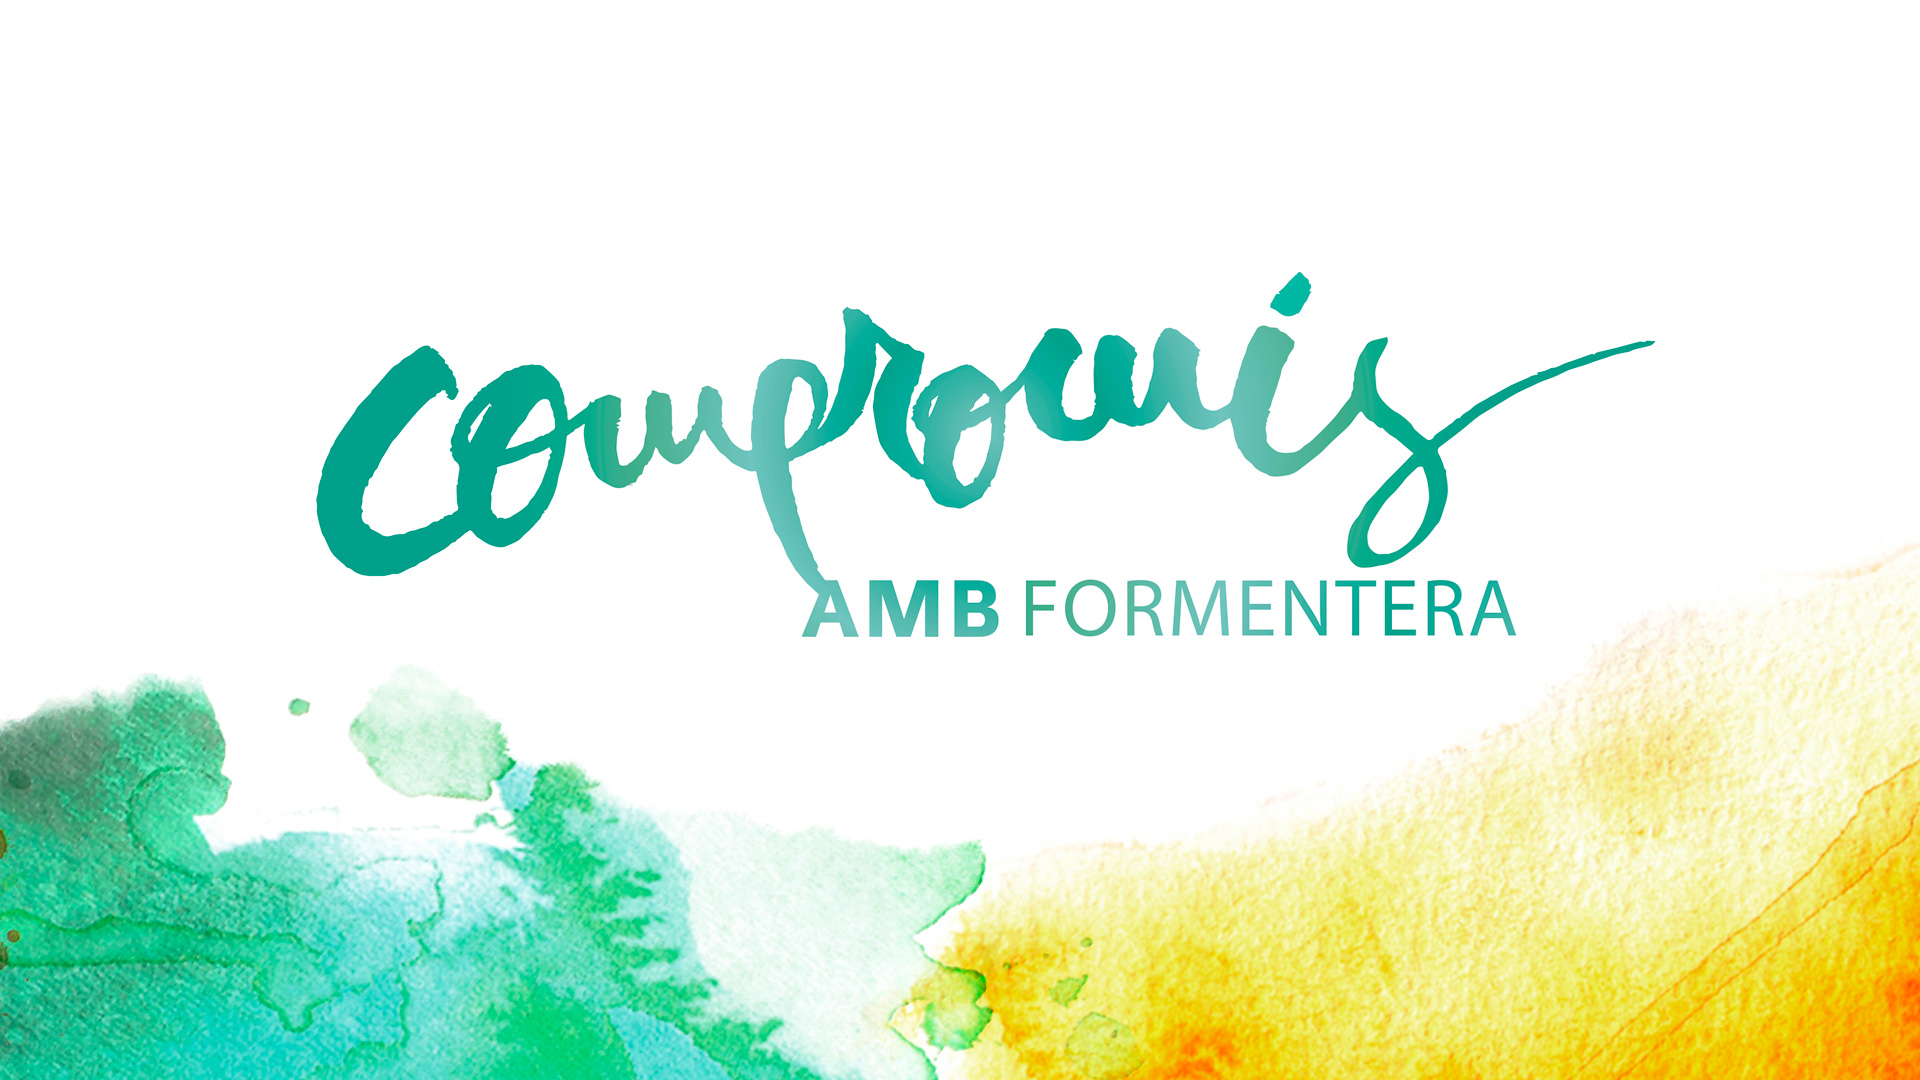 COMPROMÍS AMB FORMENTERA